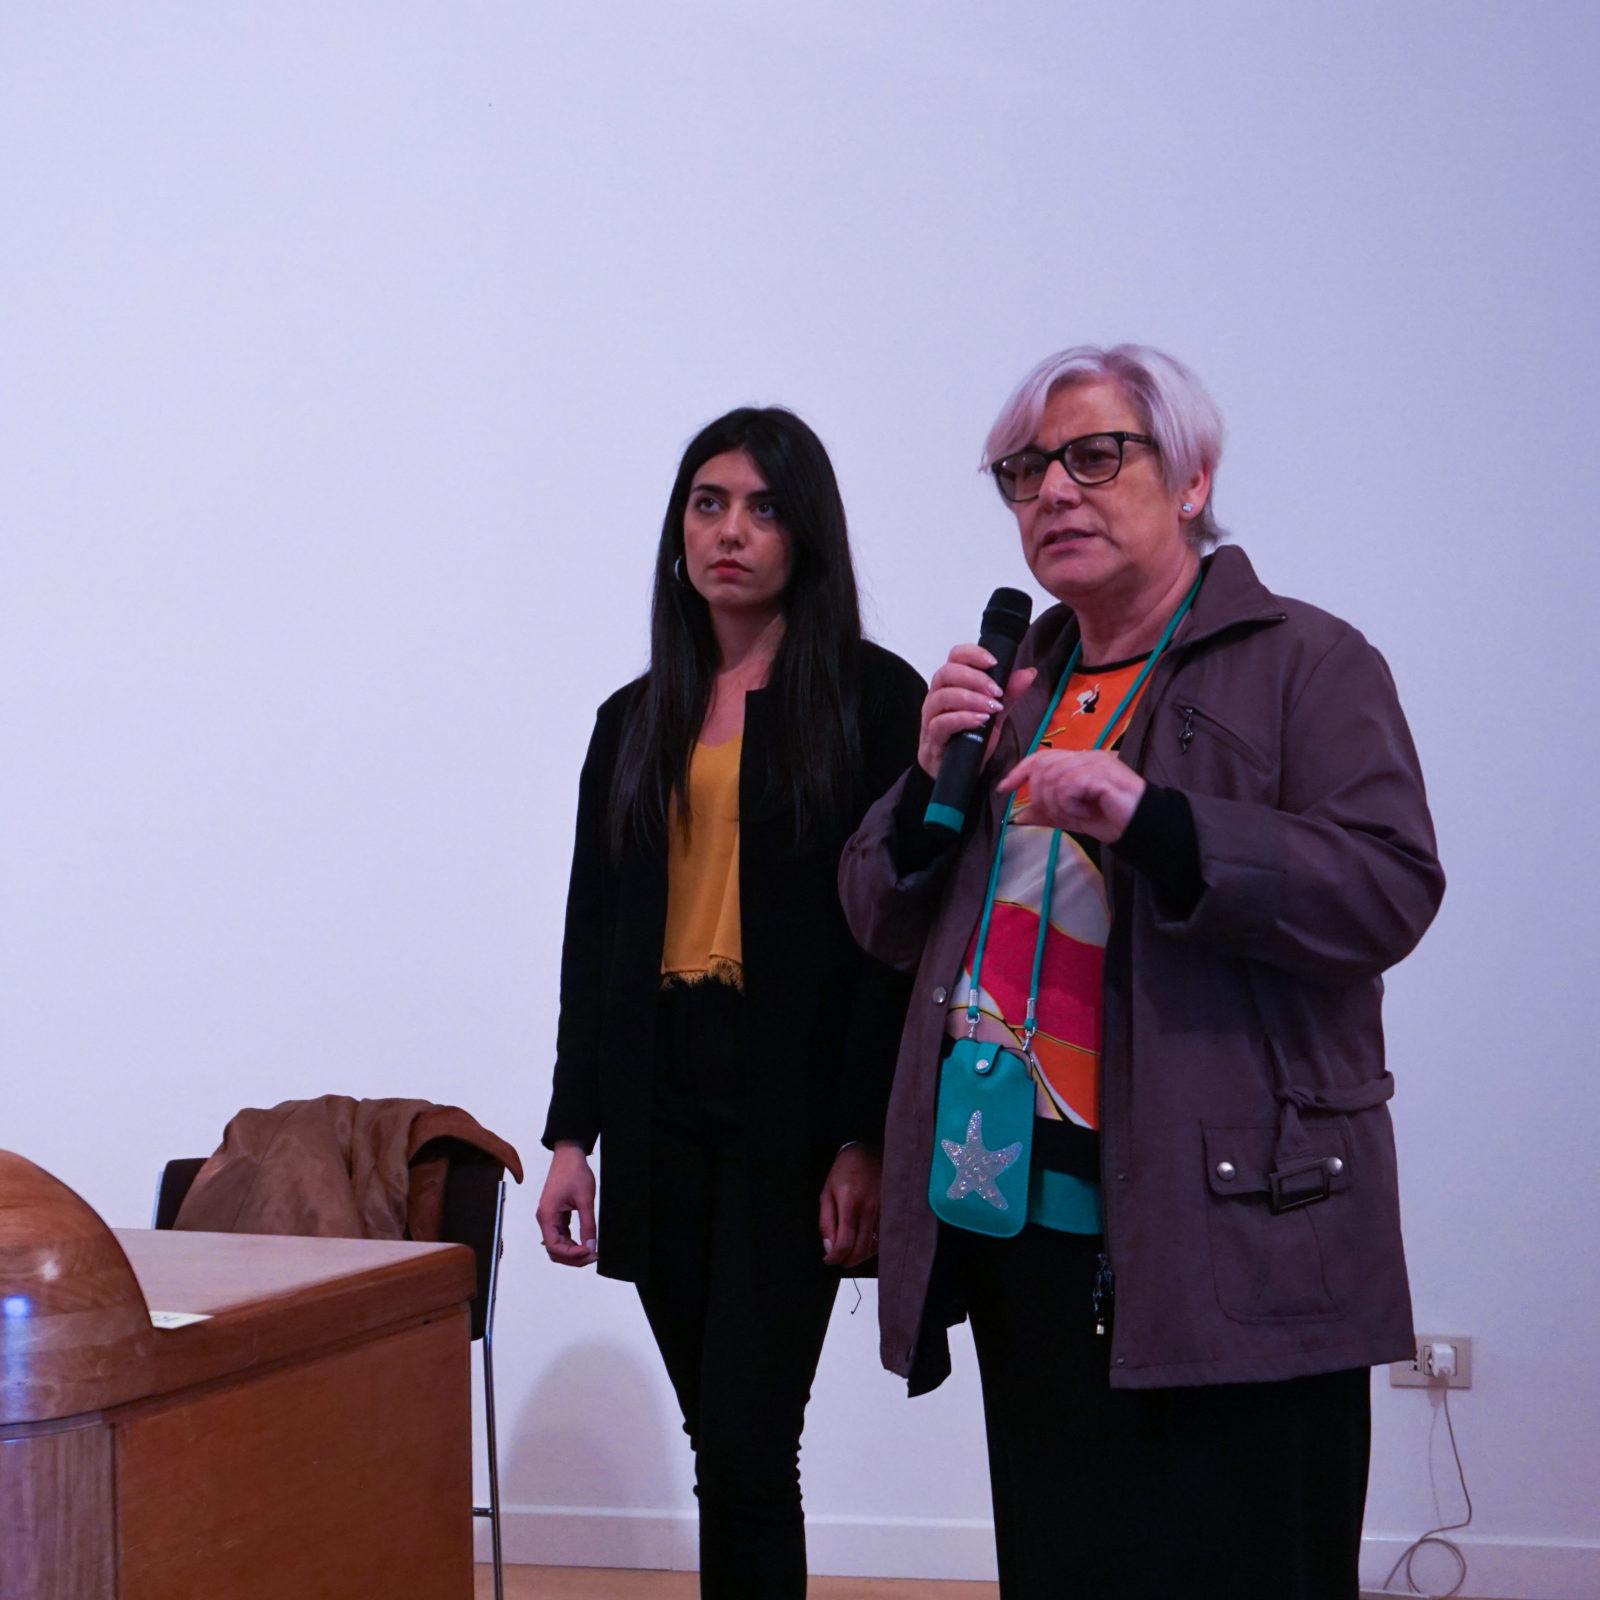 Leandra Calabresi e Savina Ieni convegno DADA Iacta Est